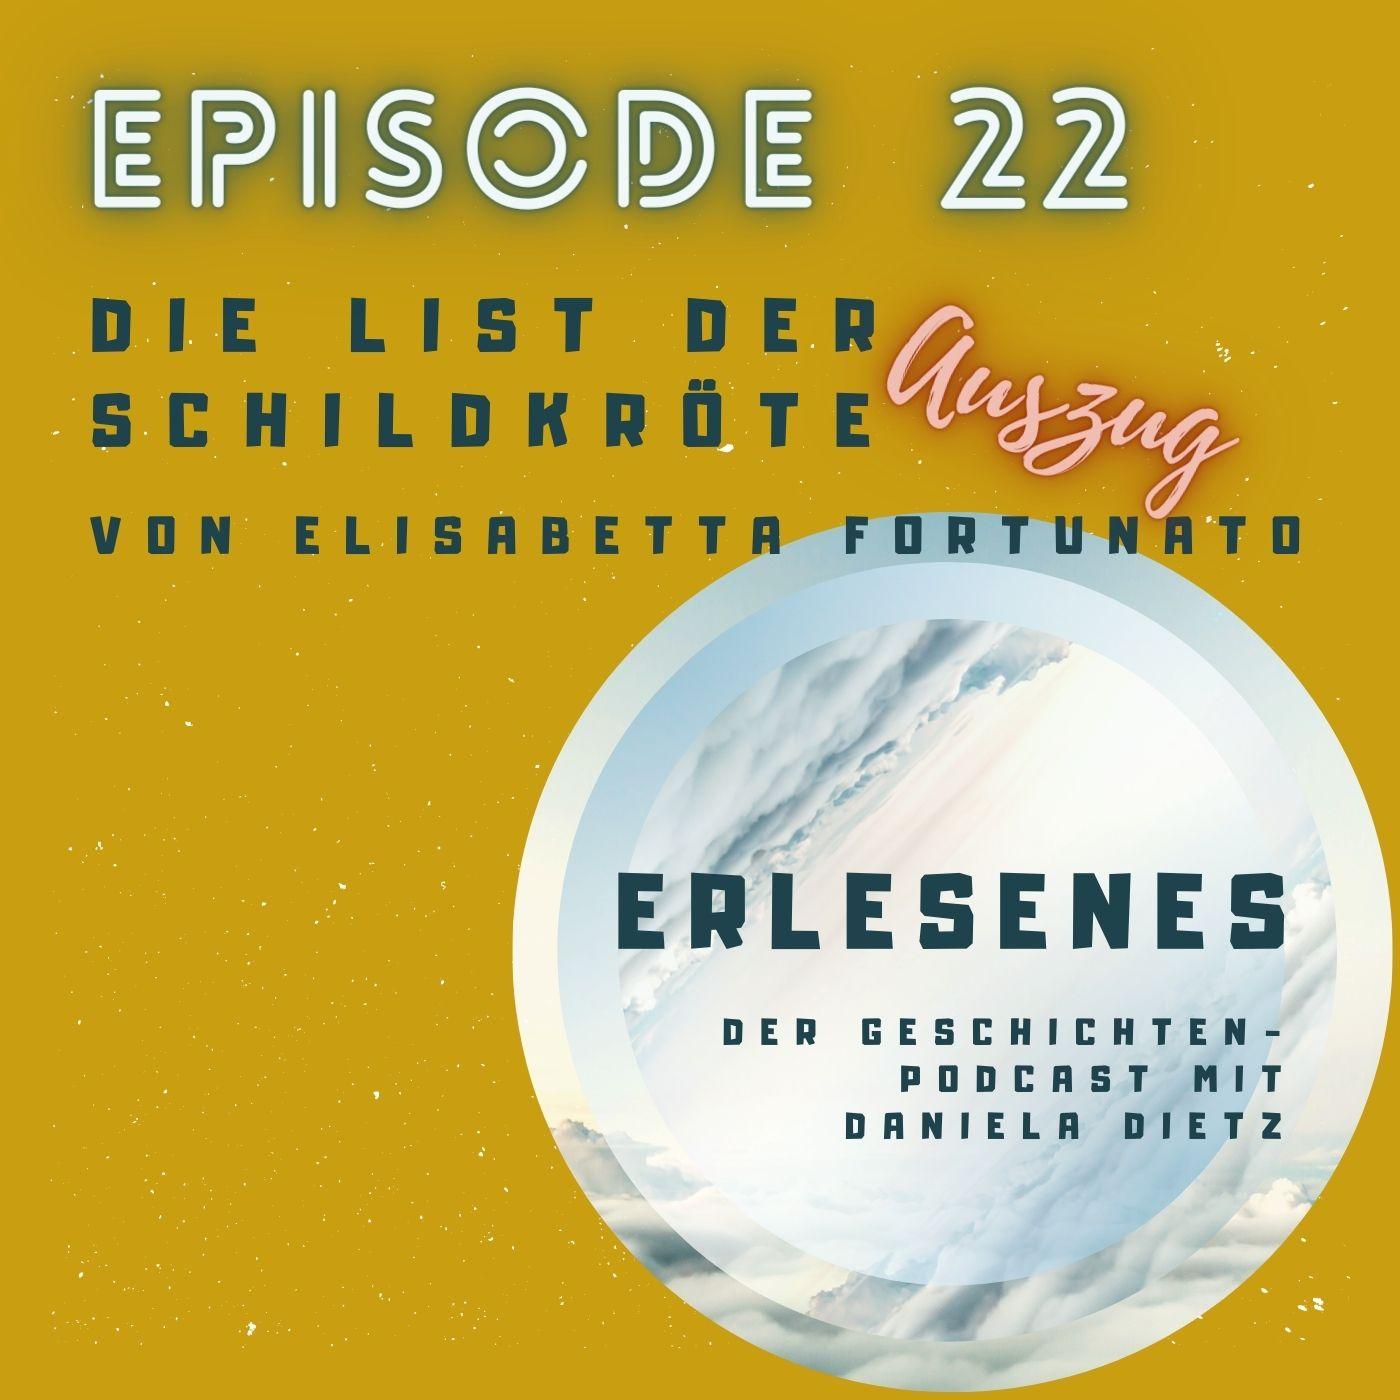 Episode 22: Die List der Schildkröte (Auszug) von Elisabetta Fortunato